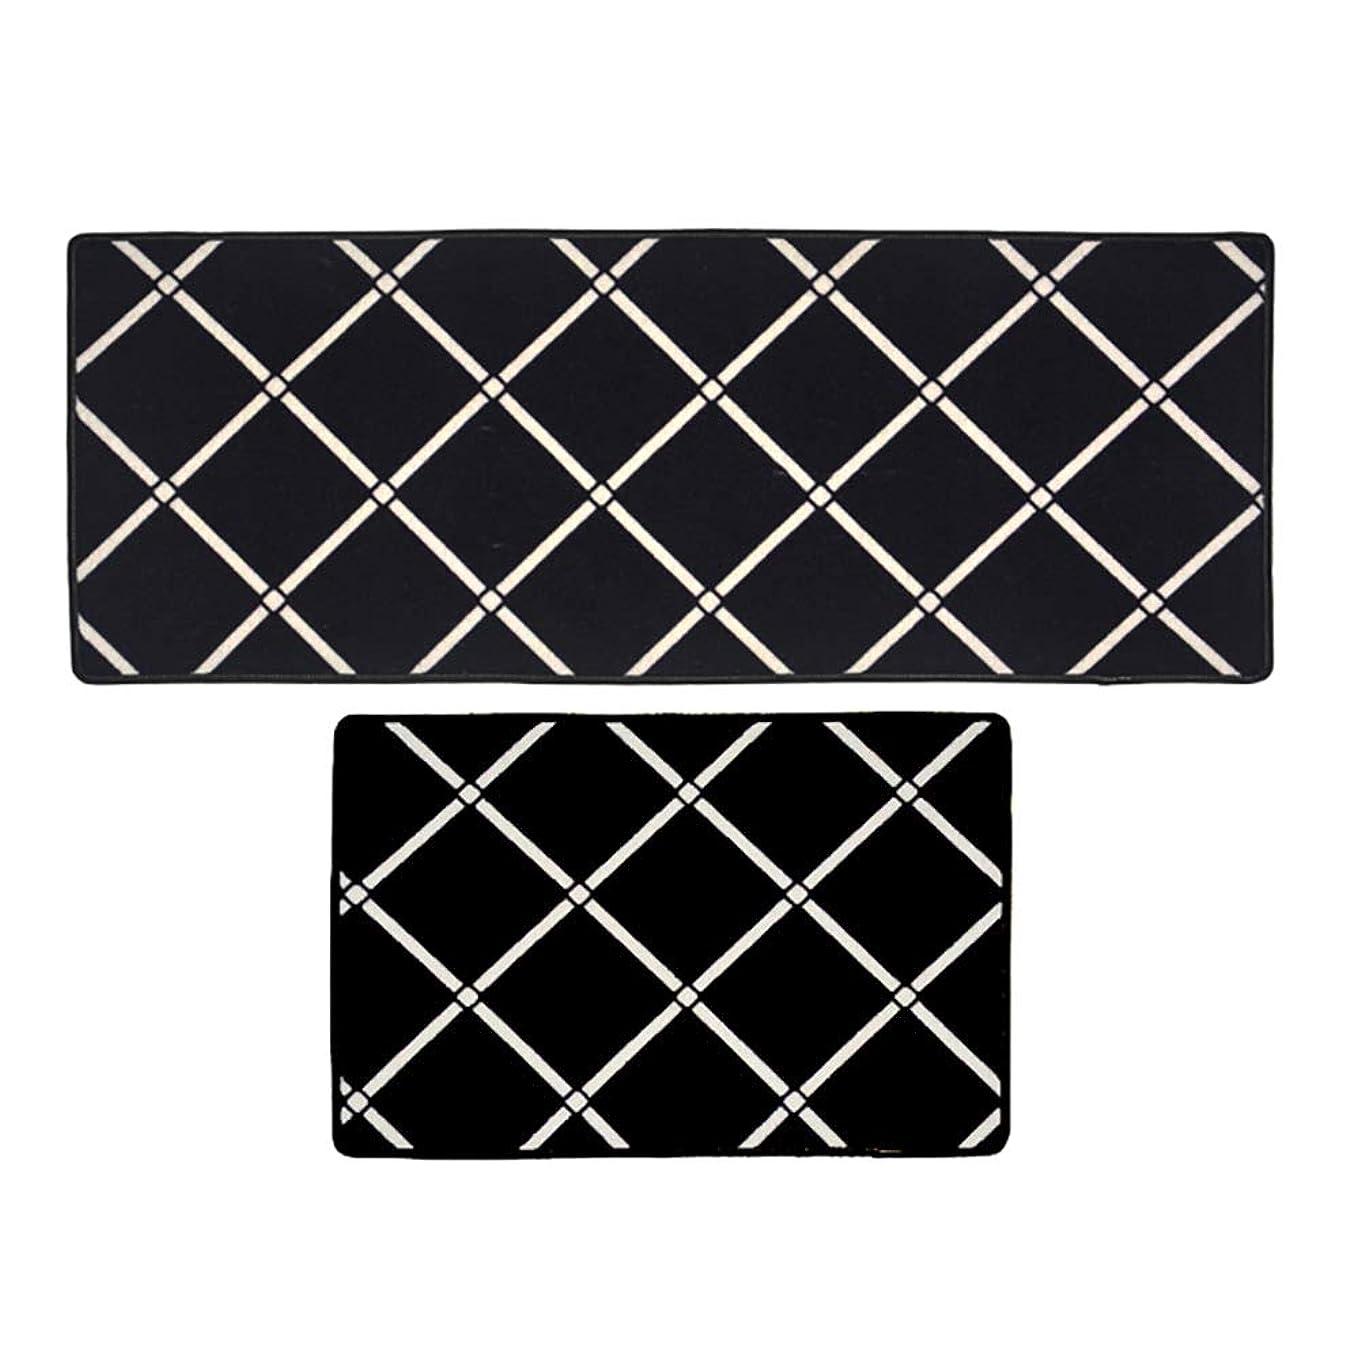 低いフェリーセラーカーペット, キッチン用2枚ブラックラグ、シャギーカーペットランナーフロアマット、長方形カーペットリビングルームベッドルーム滑り止めボトム (サイズ さいず : 45x68+45x120cm)